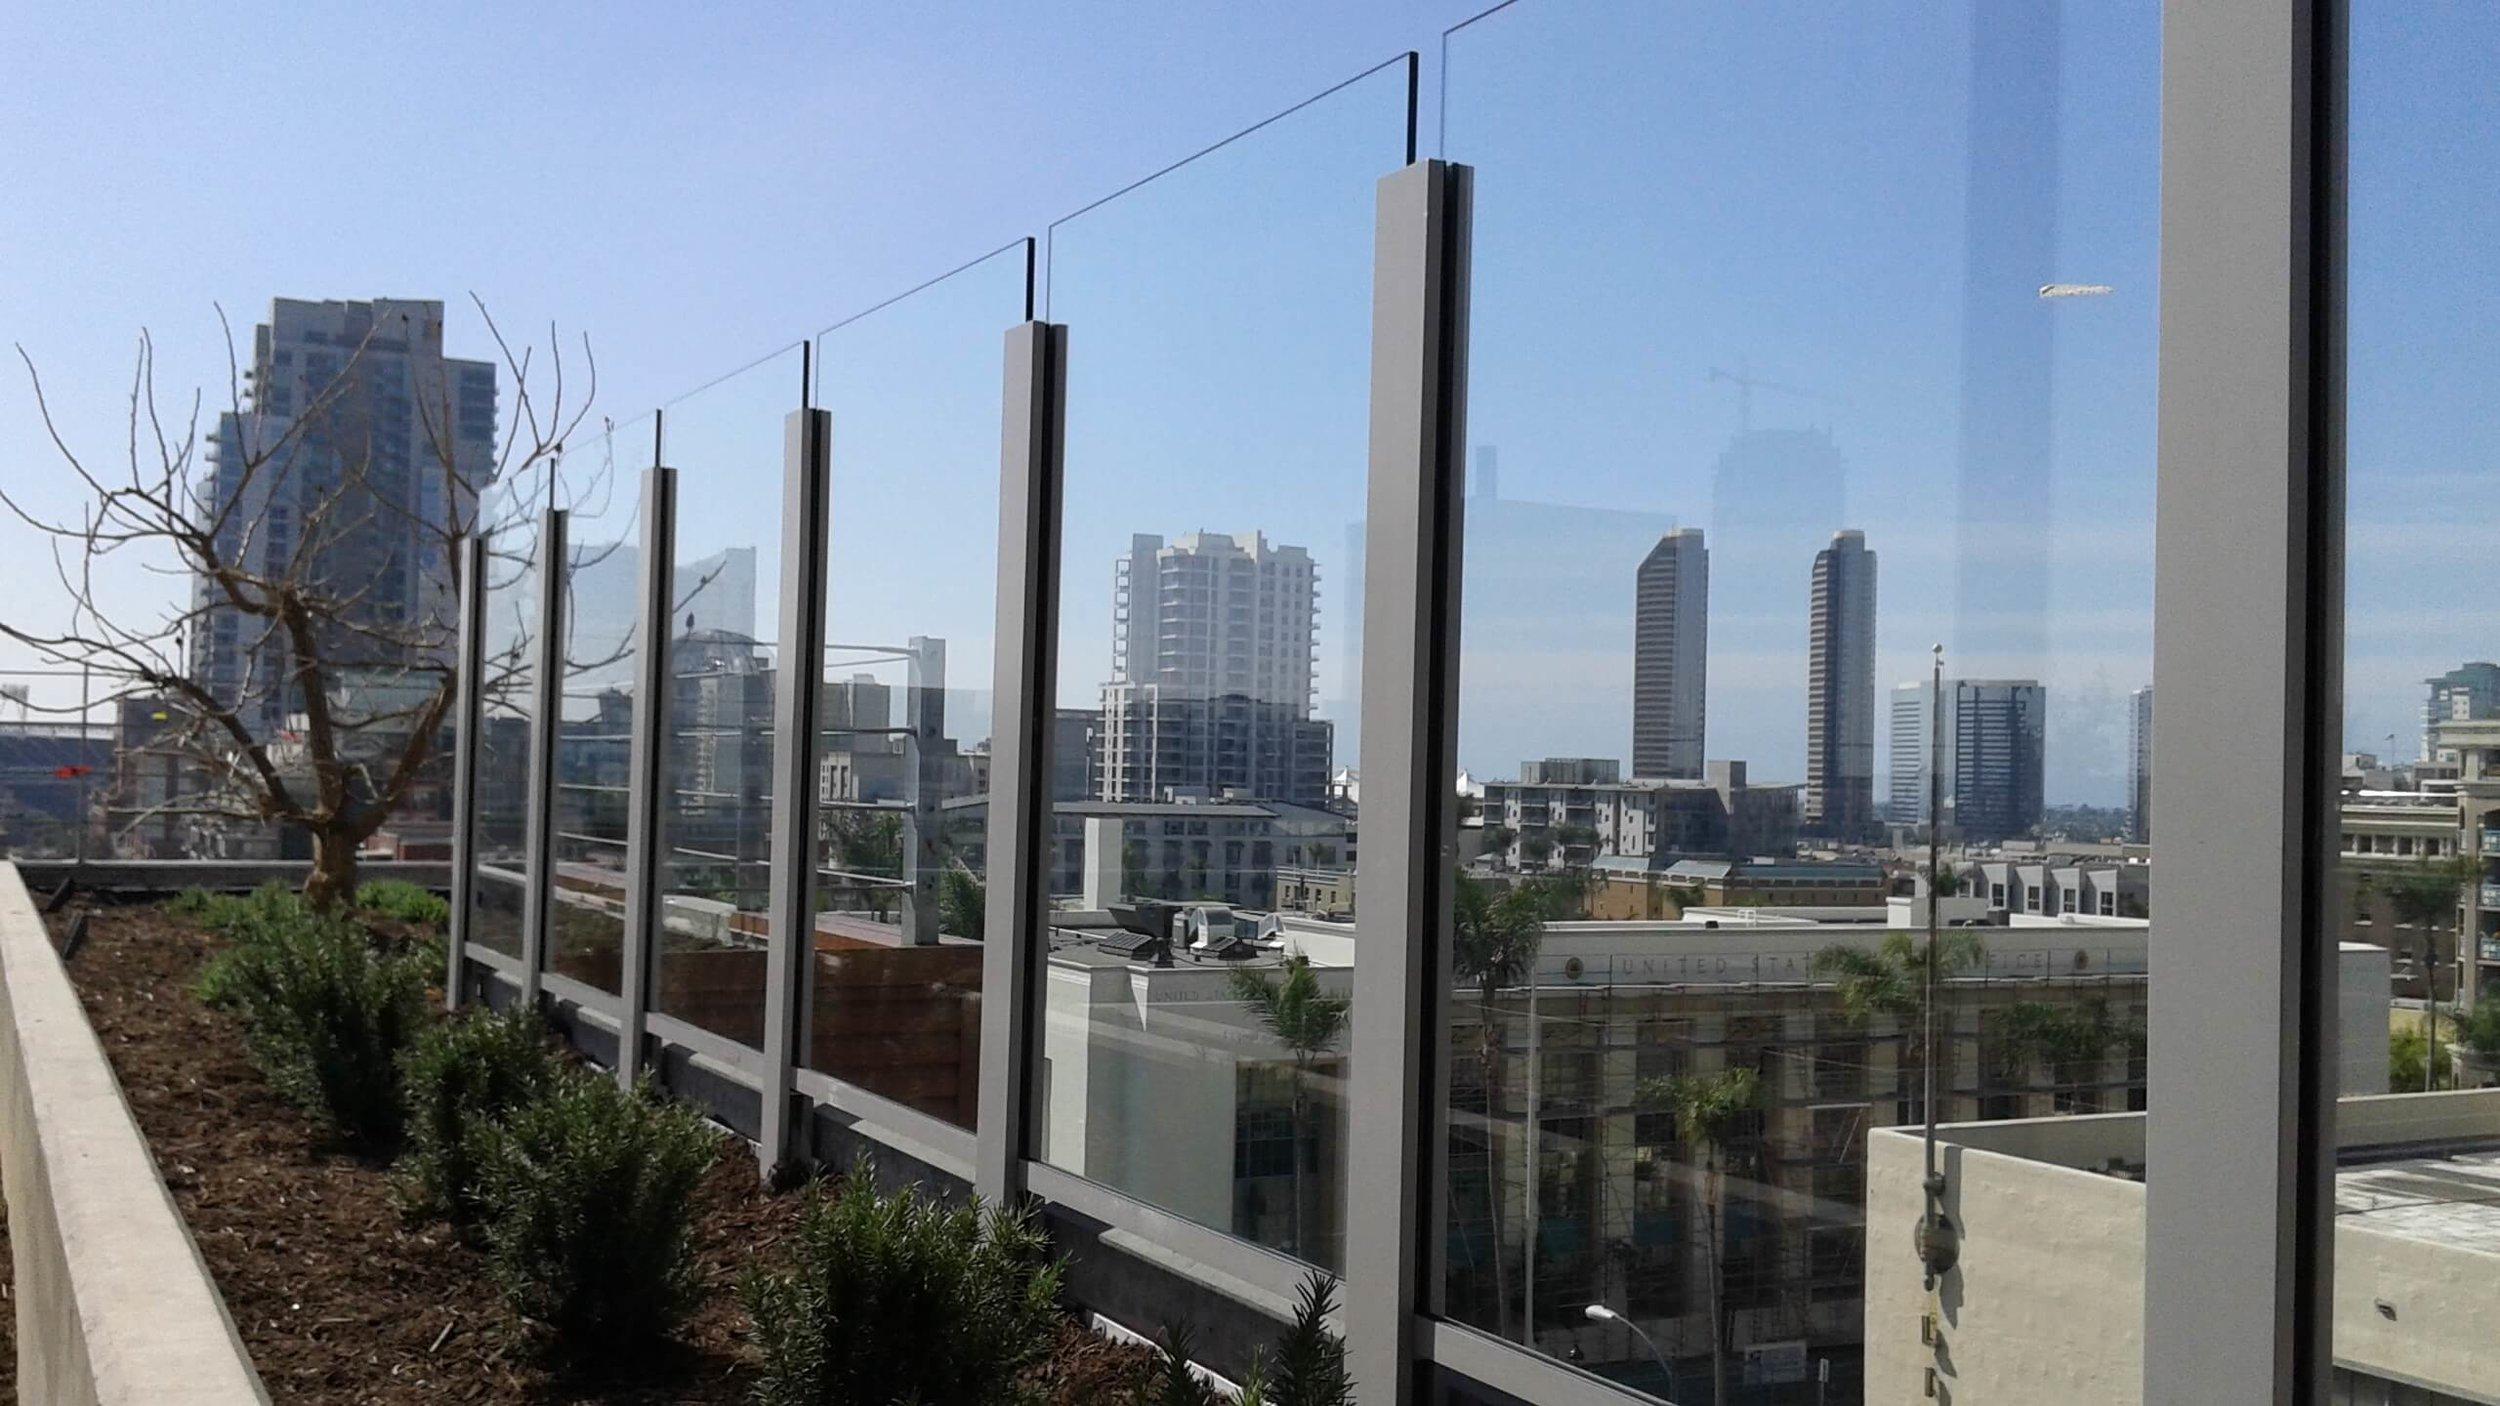 Glass Wall / Windscreens